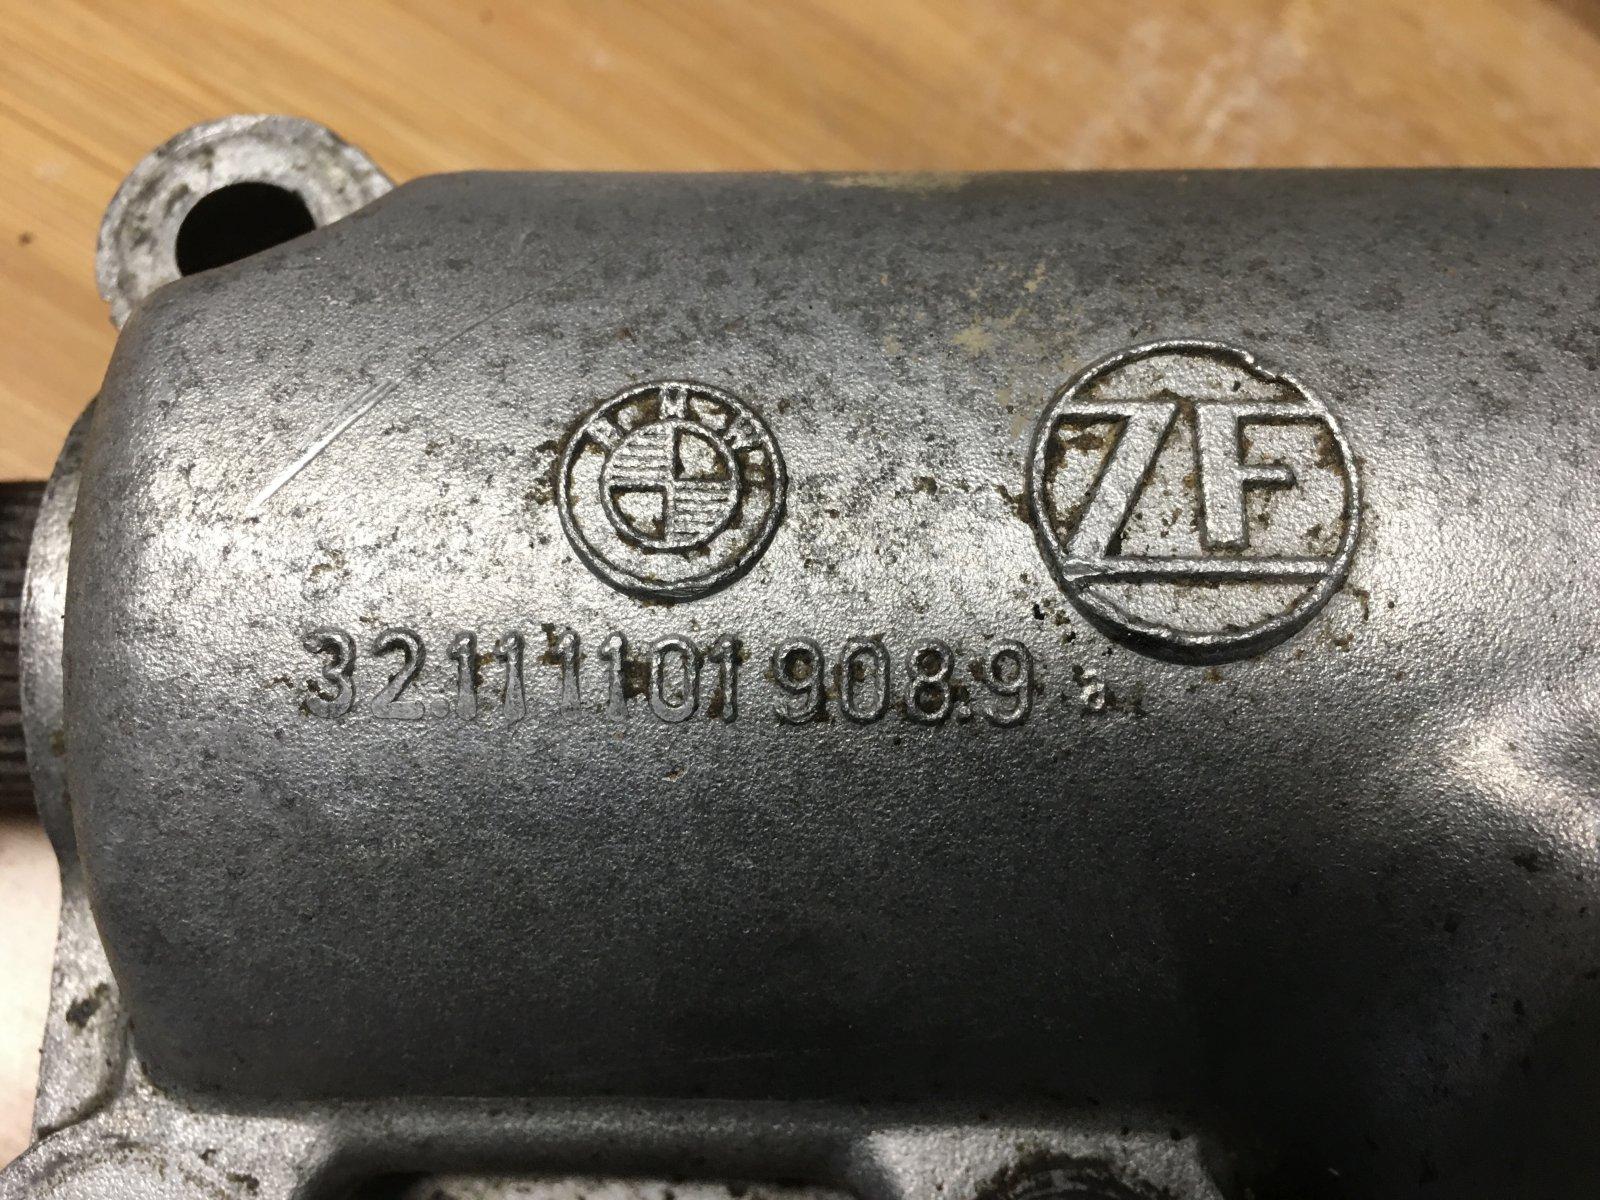 6EFF9306-1B3C-48CE-9EA4-DDBB3F075DF2.jpeg